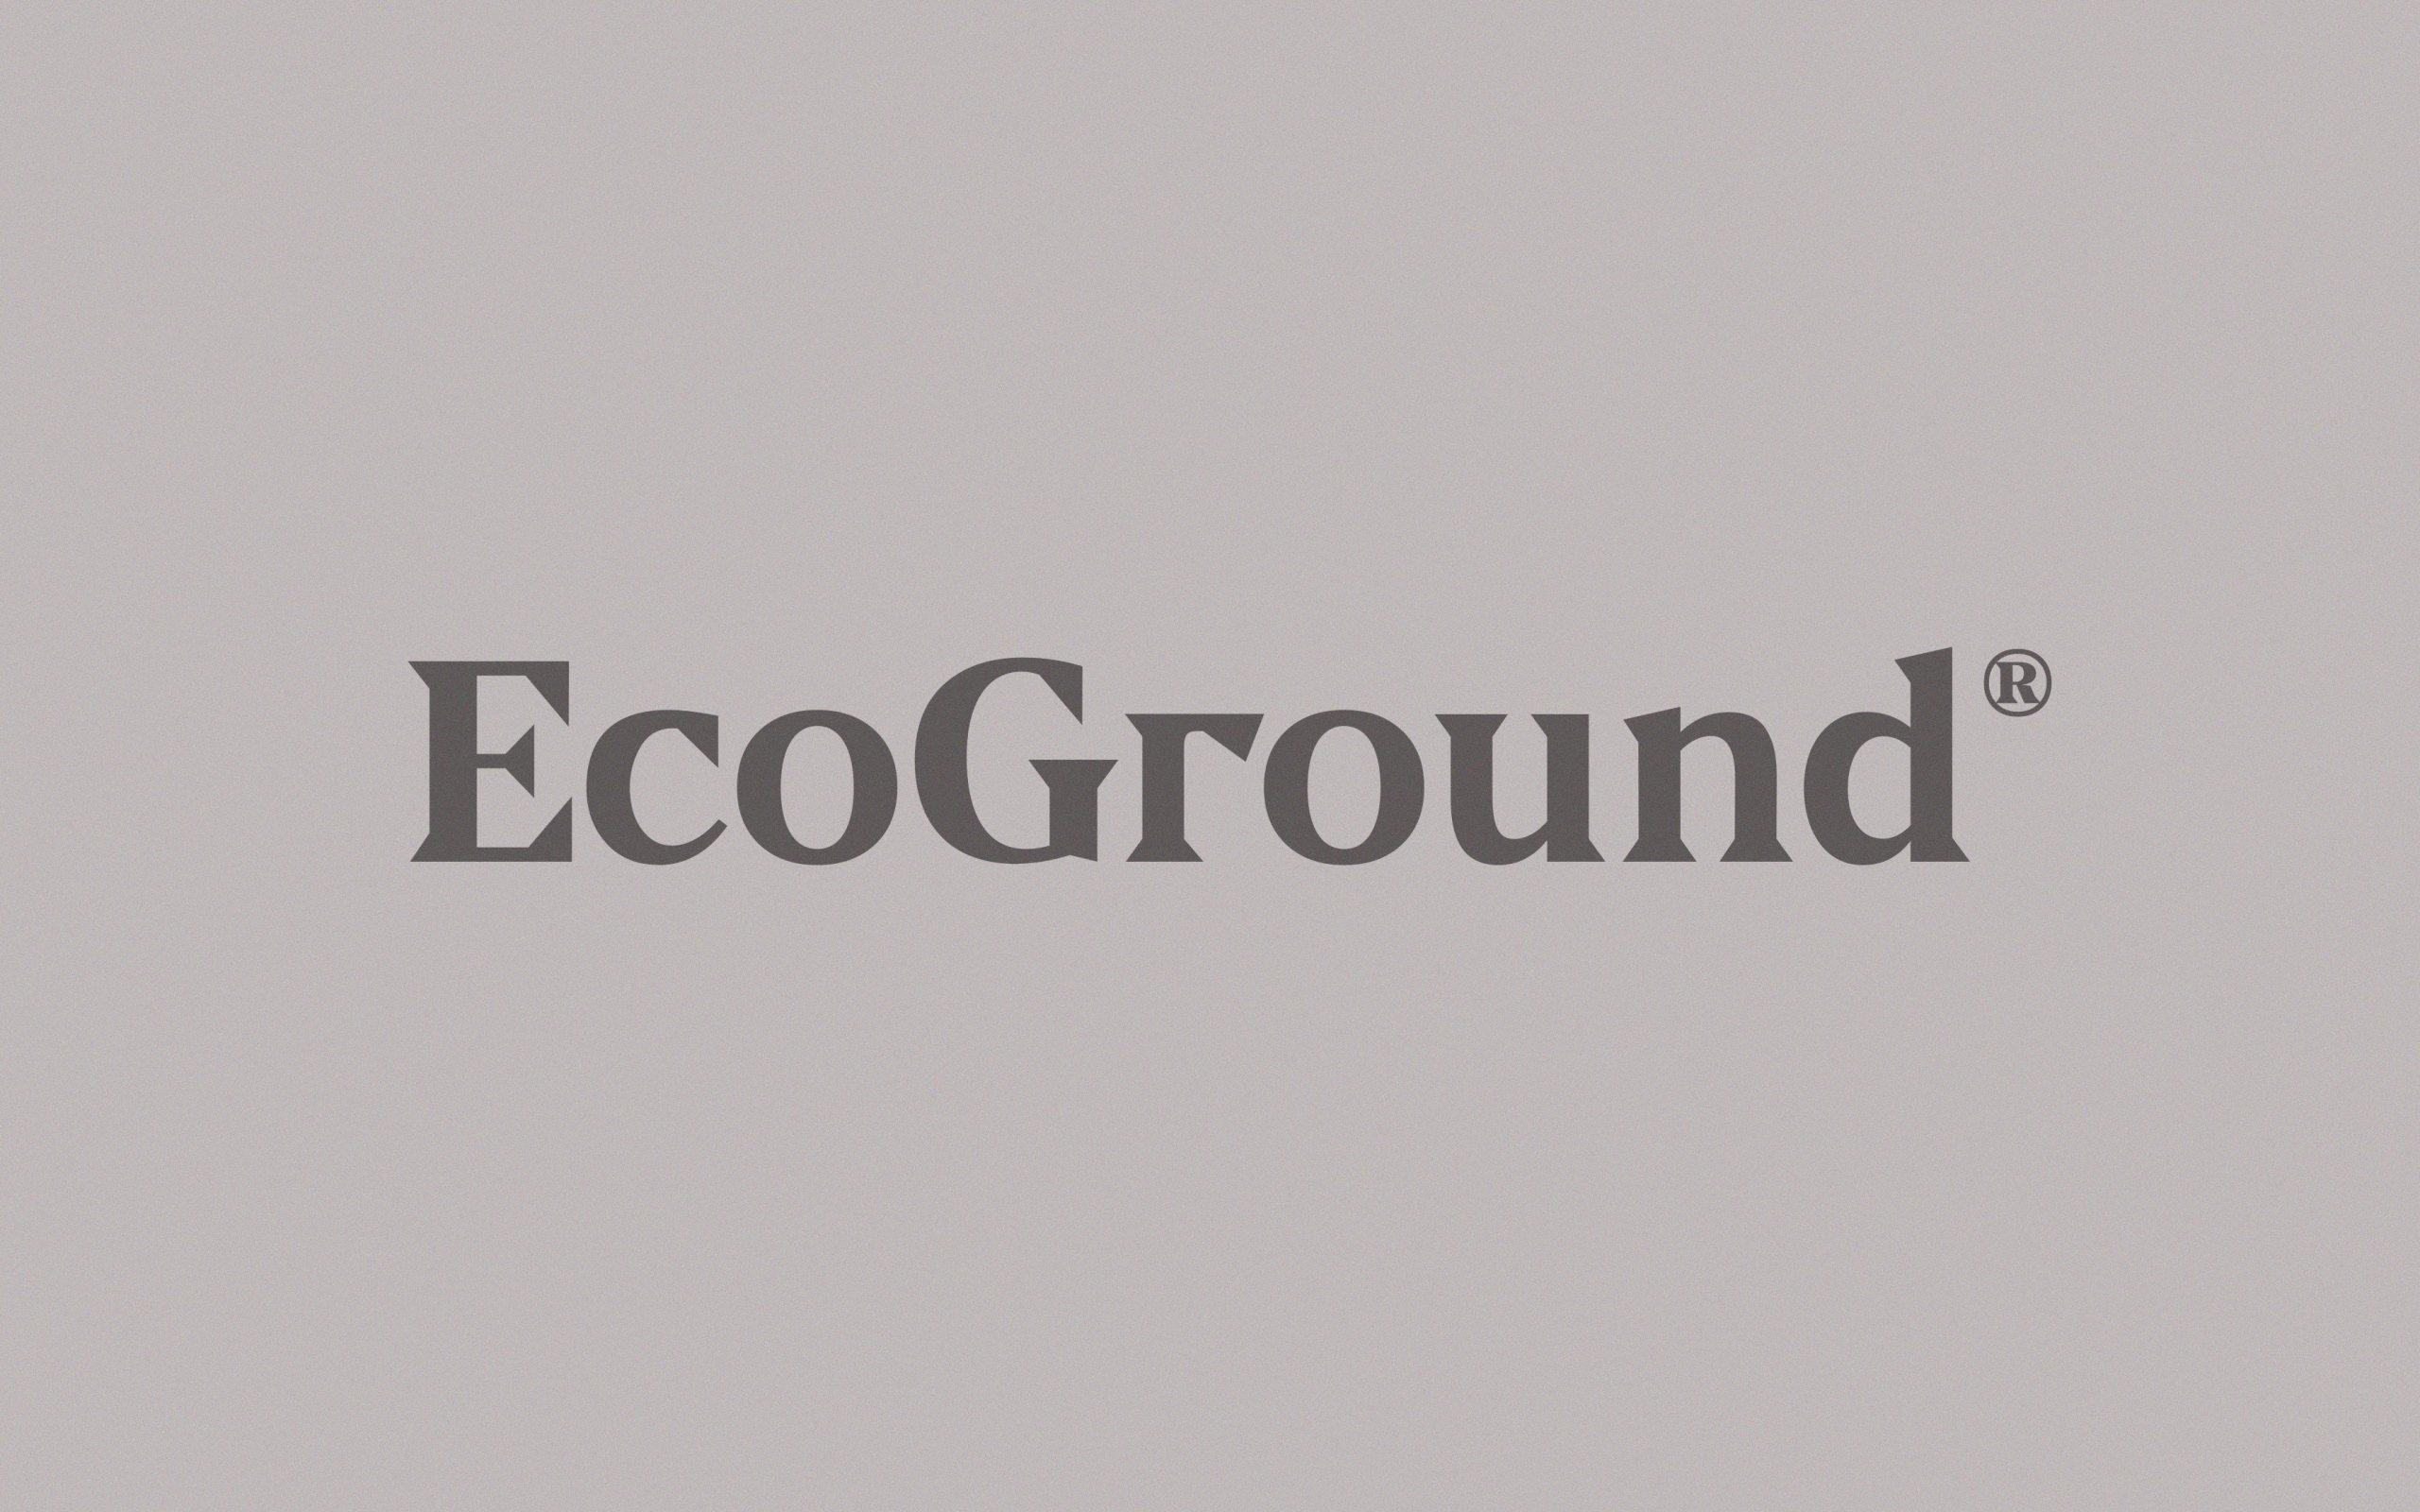 EcoGround-03